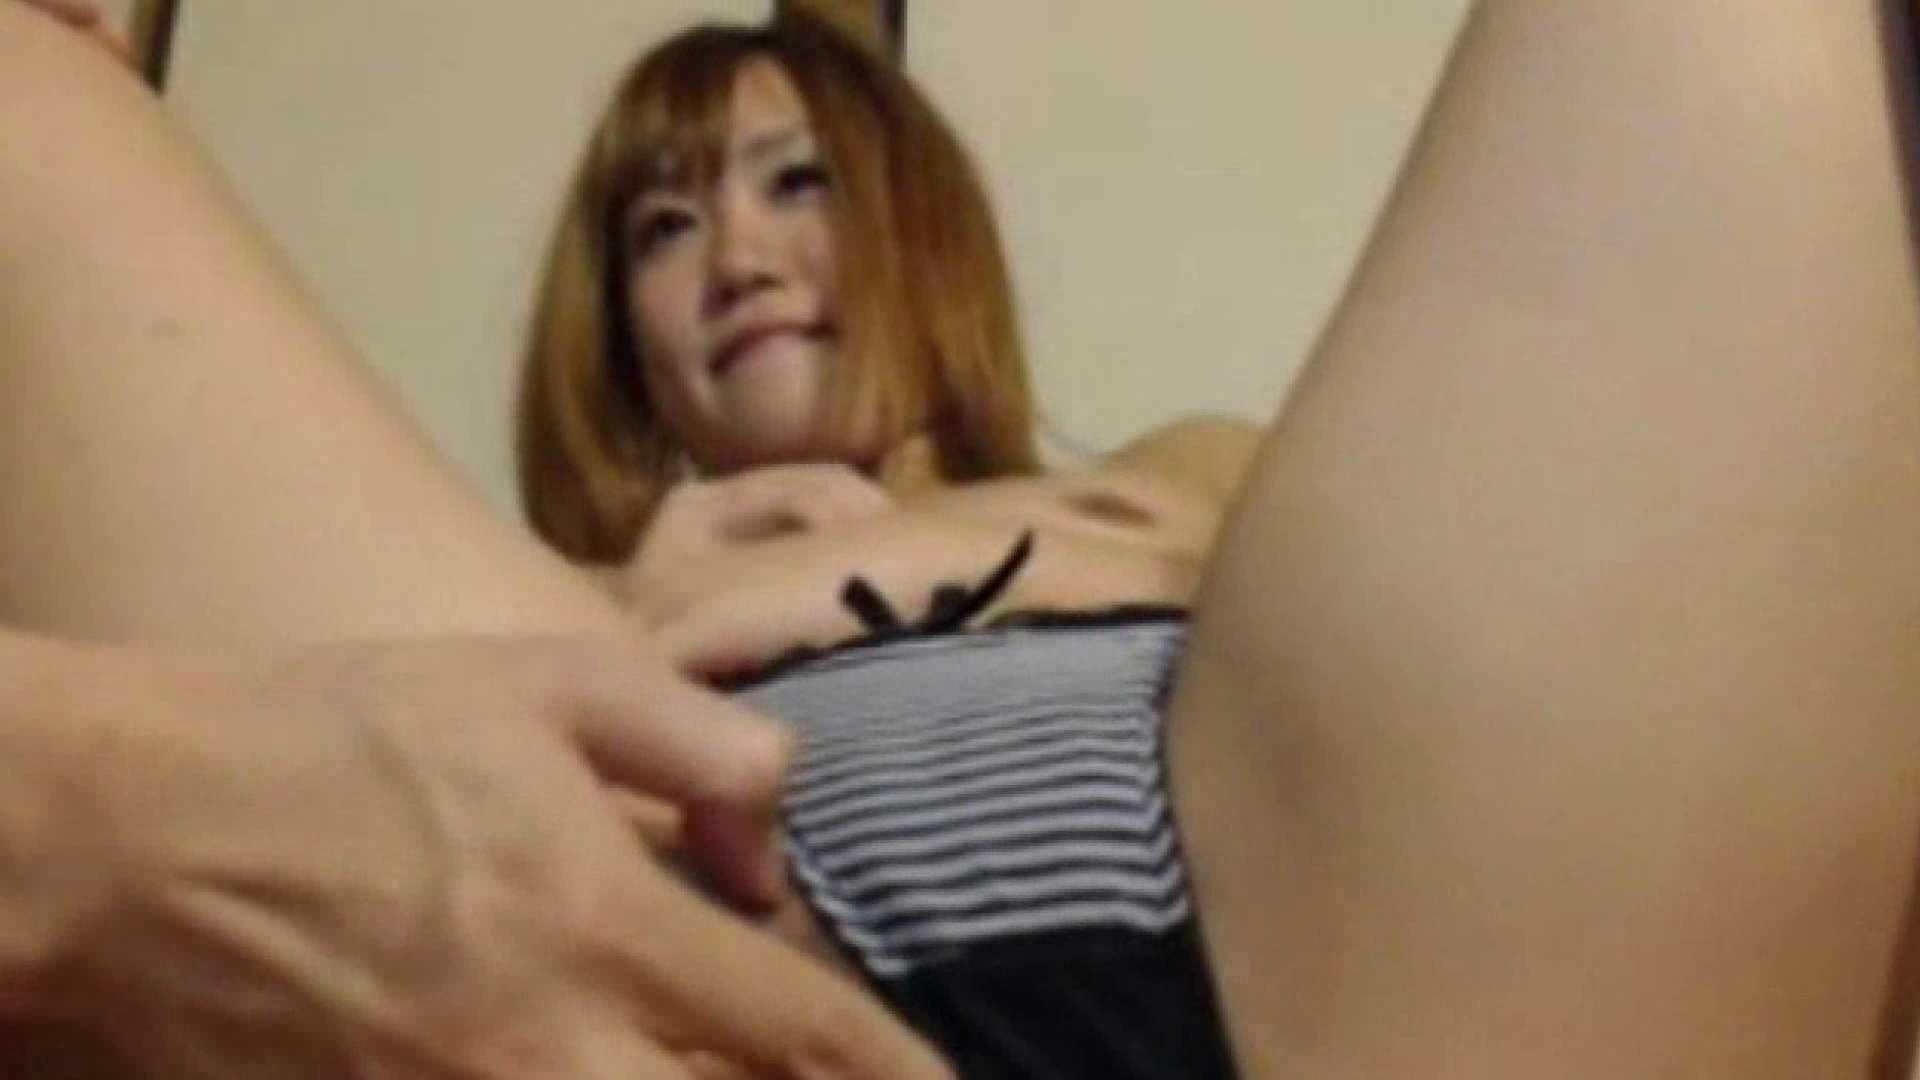 S級ギャルのハメ撮り!生チャット!Vol.13前編 美女丸裸 ヌード画像 77pic 46